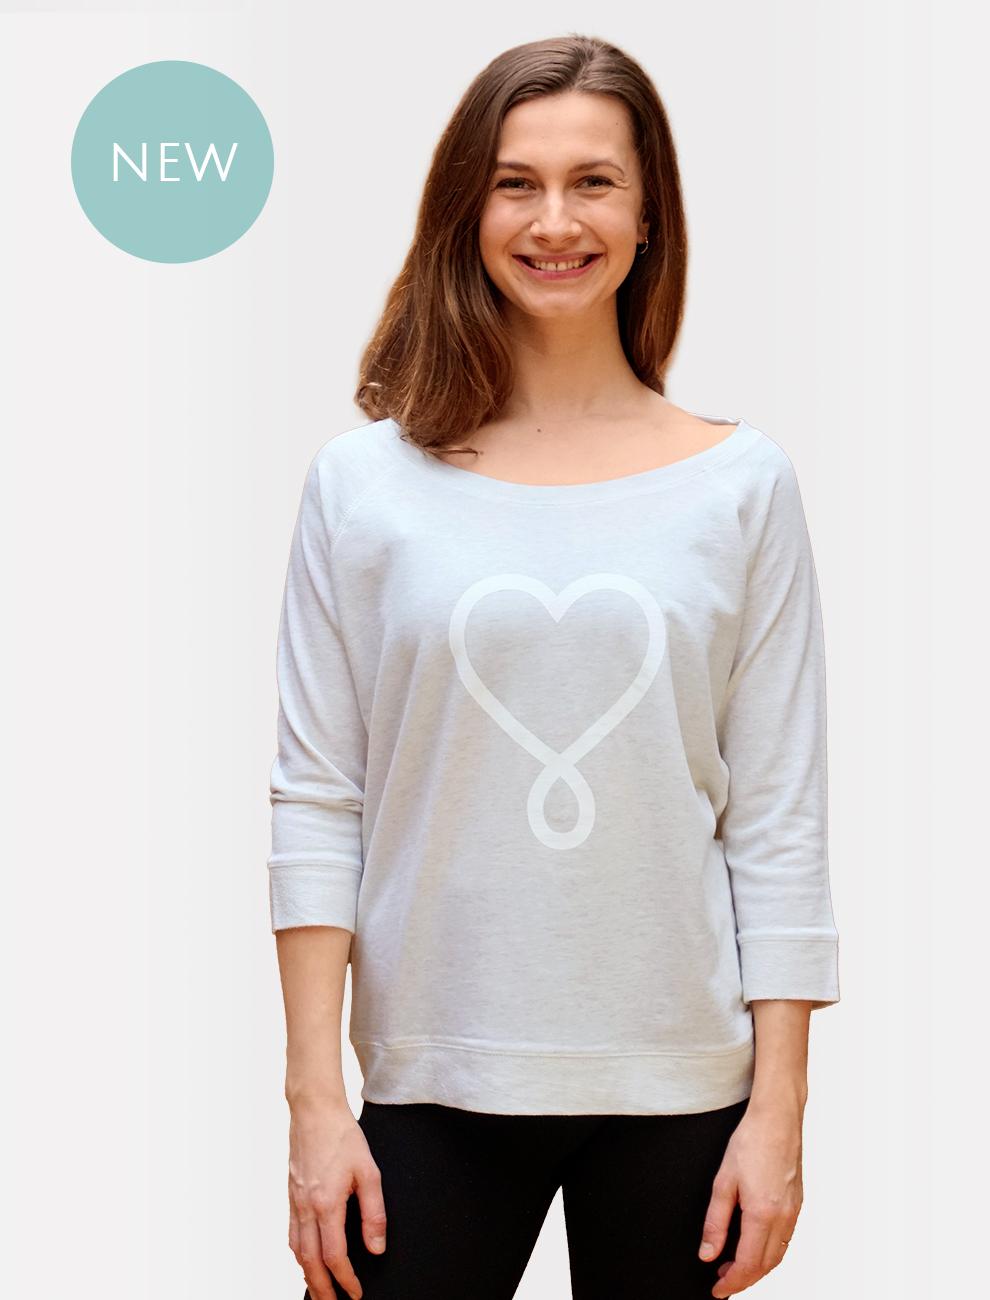 Love Sweater / nachhaltige Lounge-Bekleidung l 100% Bio & fair poduziert